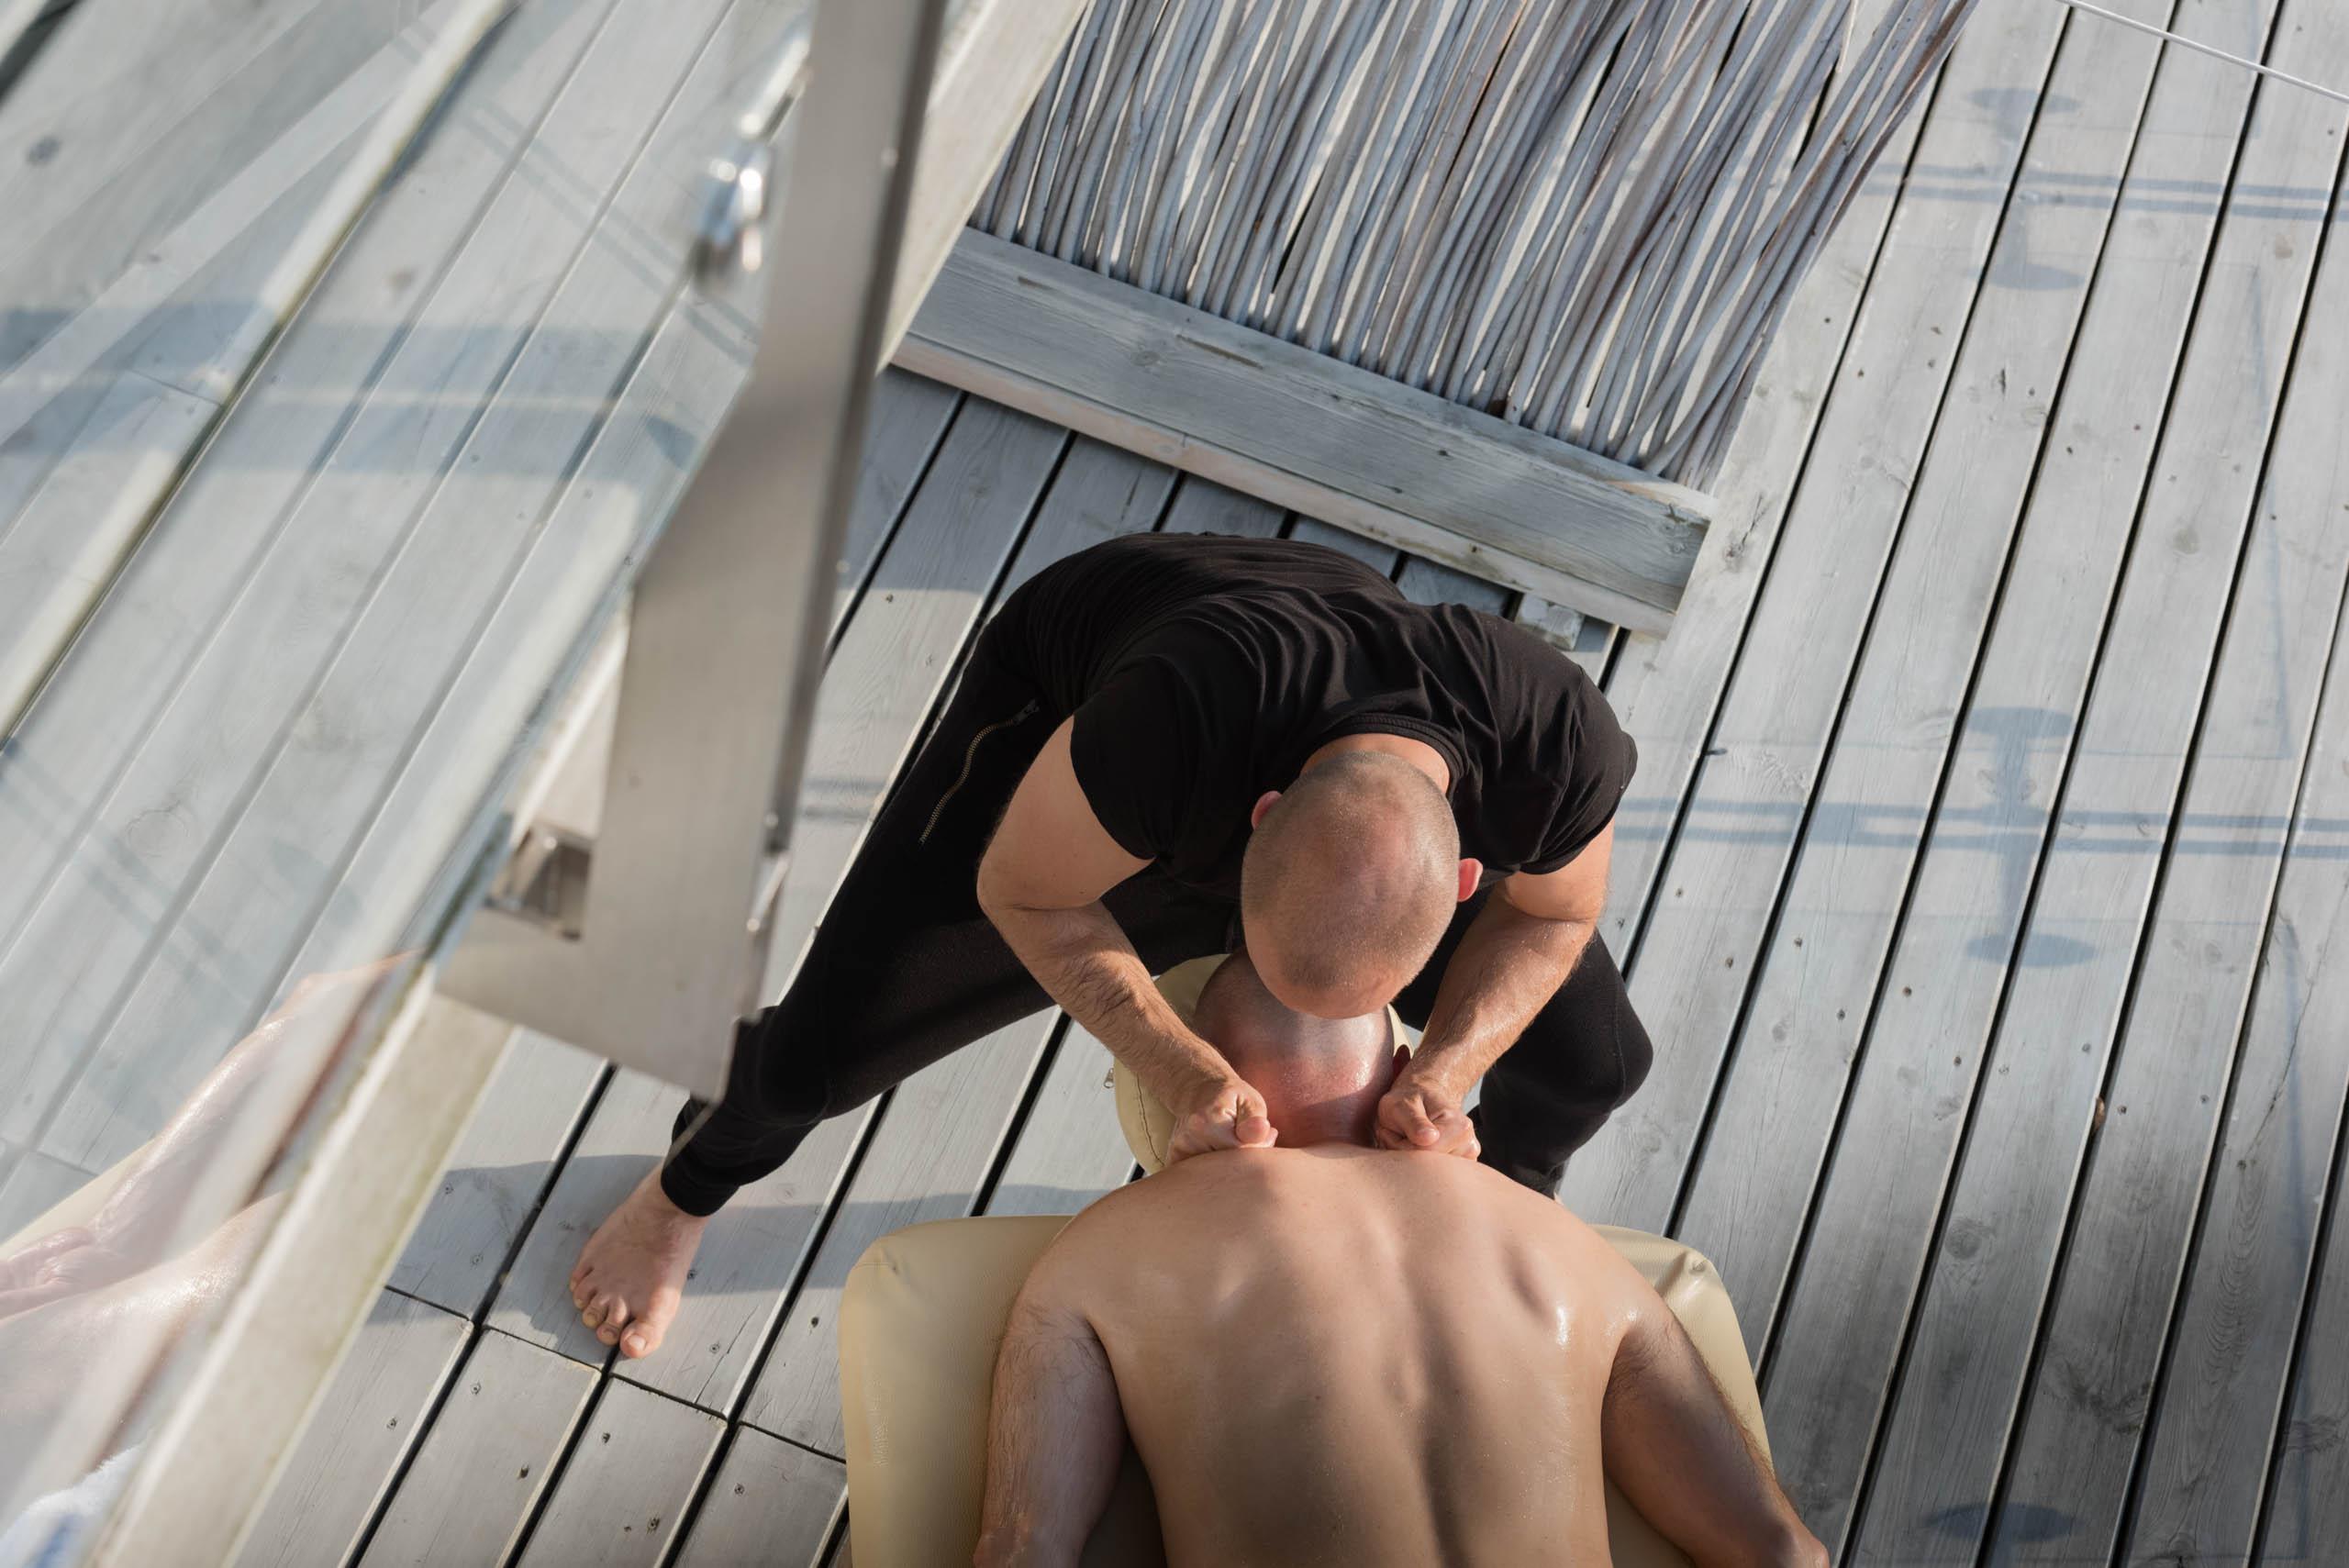 Lomi Lomi Nui w hotelu Galery69, masaż hawajski